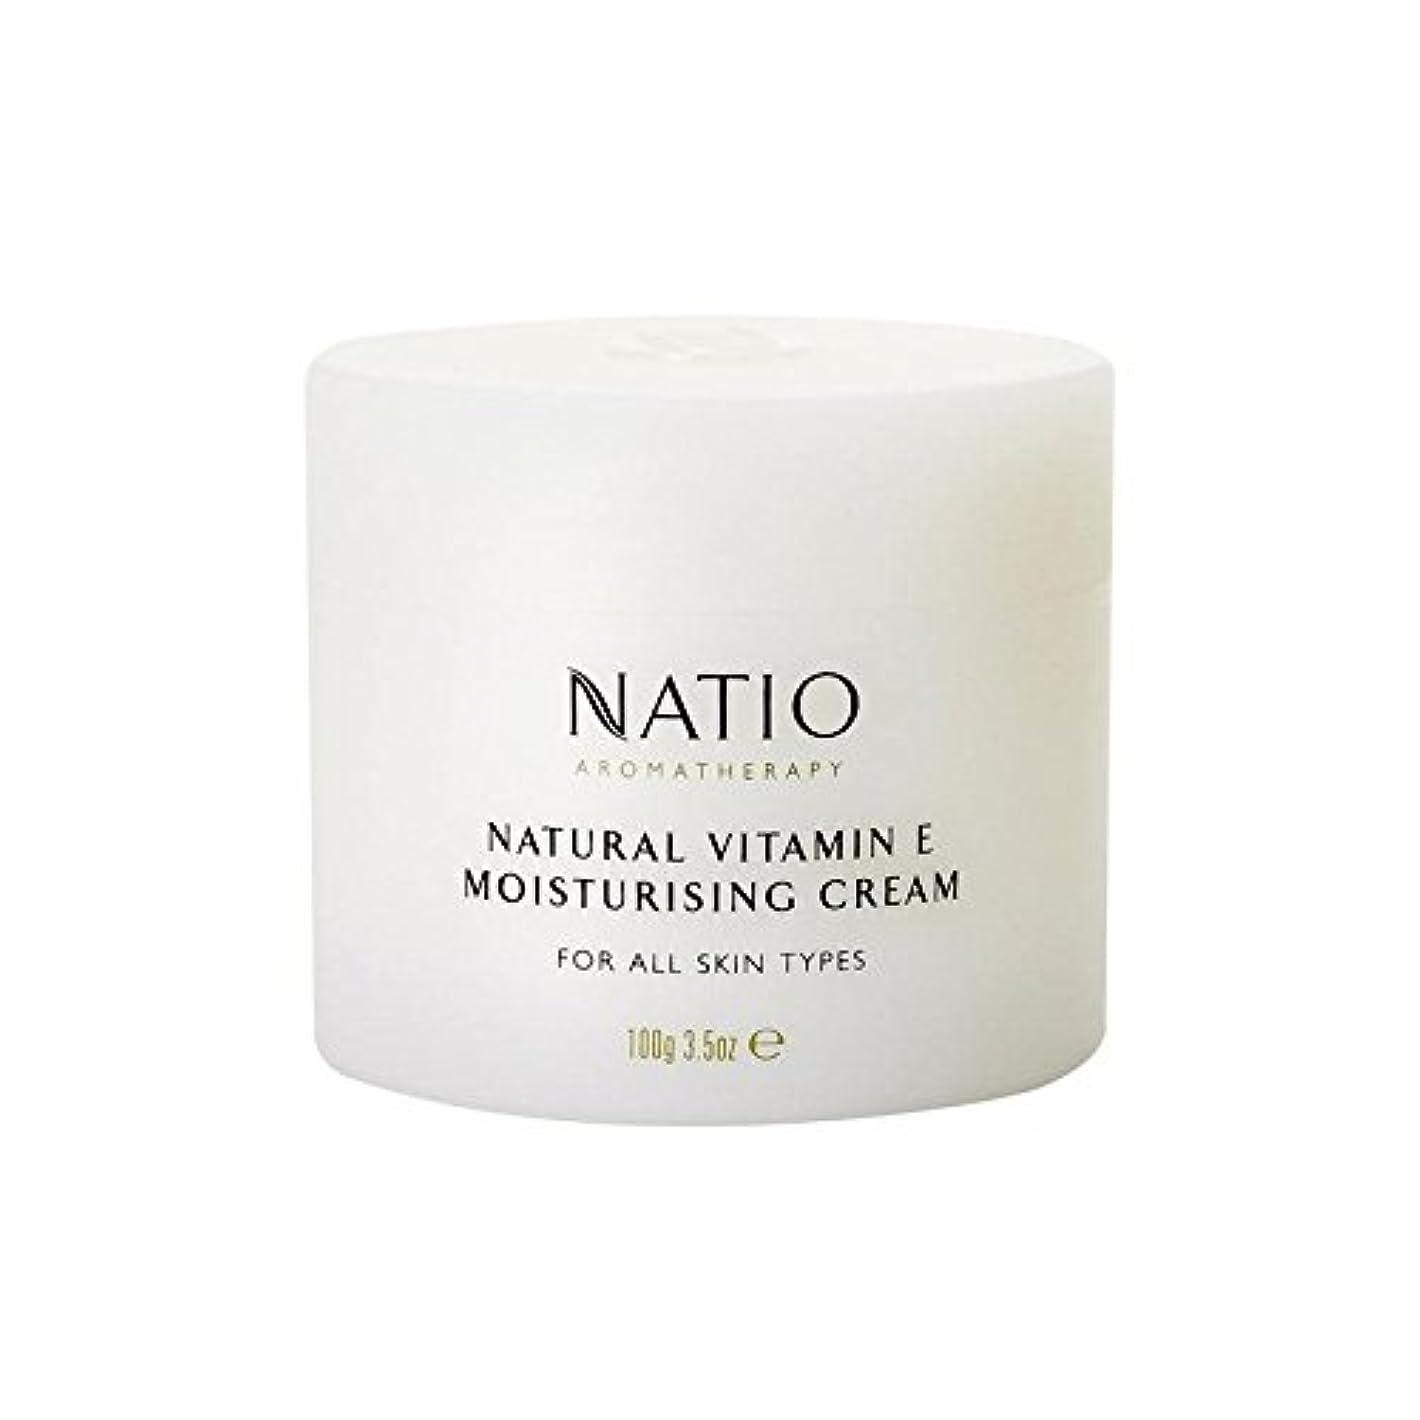 聡明暴動遊びます[Natio] Natio天然ビタミンEの保湿クリーム(100グラム) - Natio Natural Vitamin E Moisturising Cream (100G) [並行輸入品]